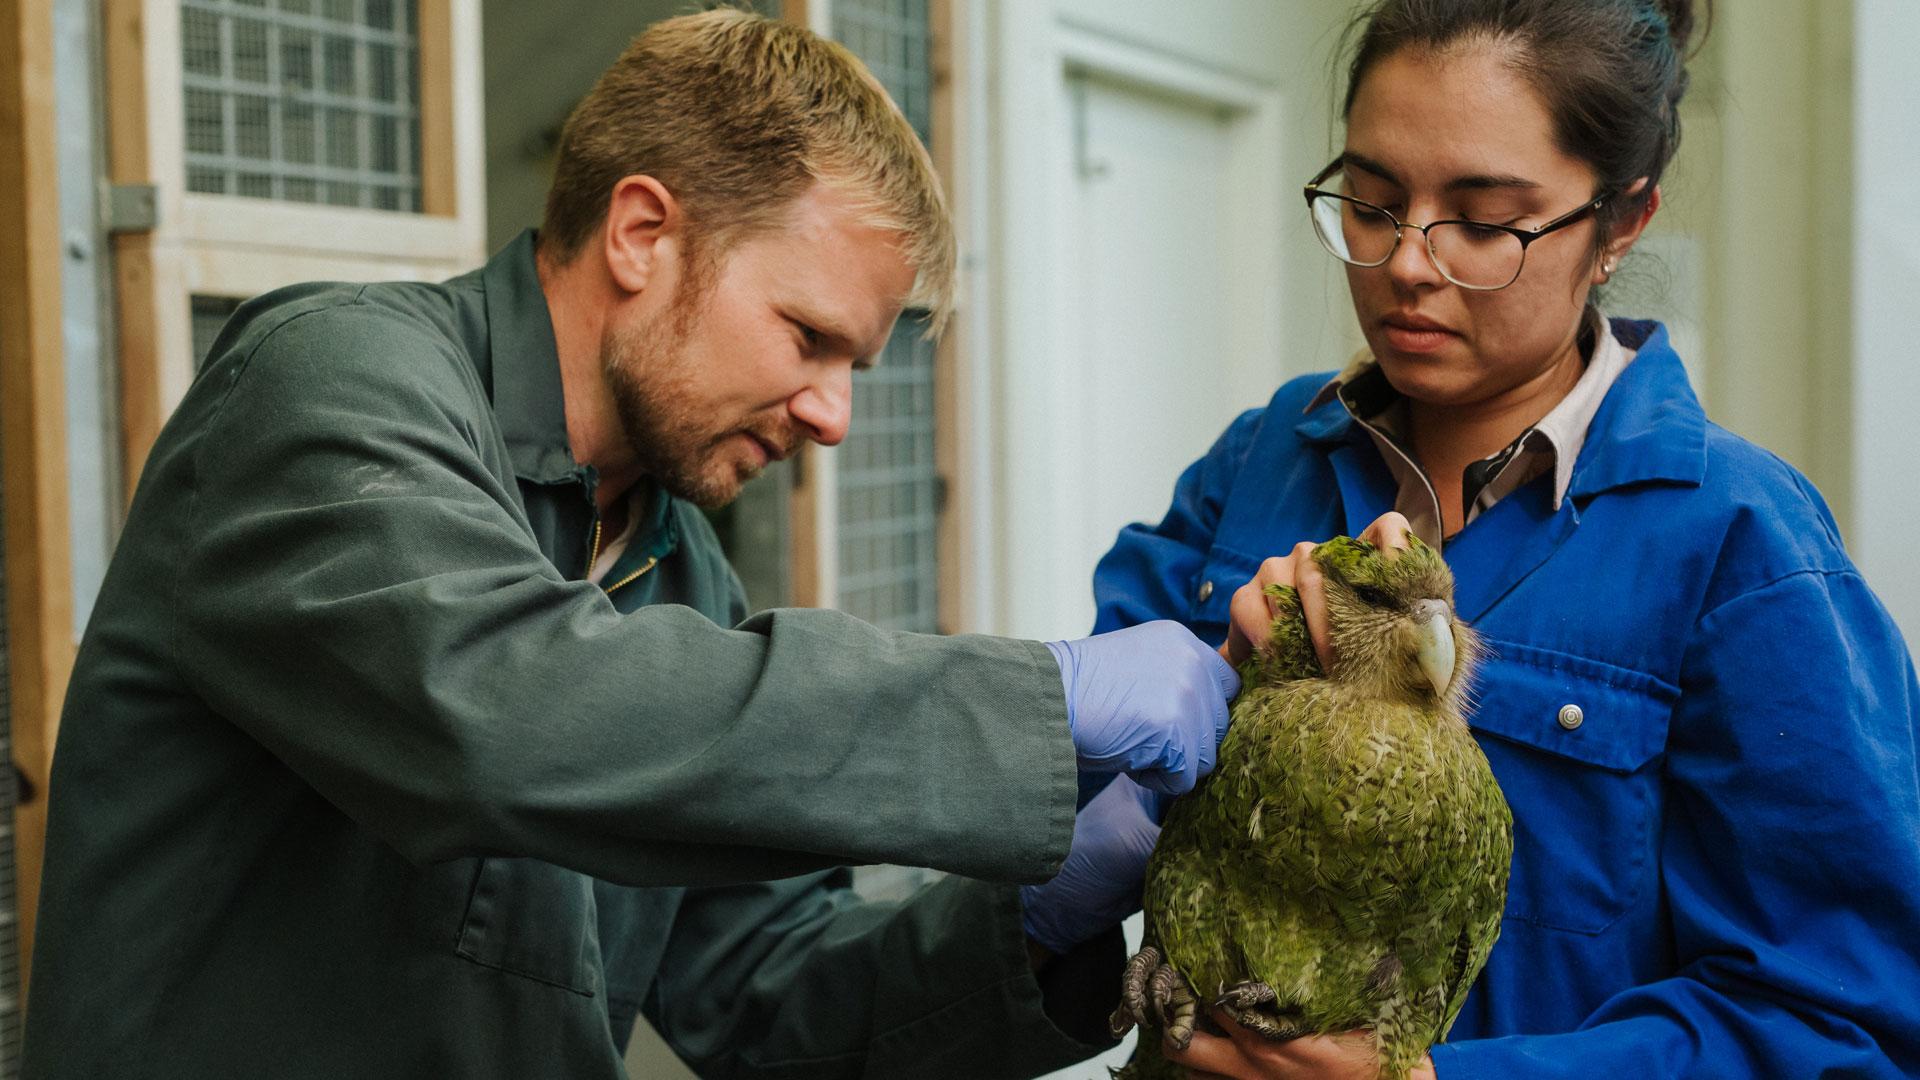 https://rfacdn.nz/zoo/assets/media/kakapo-vet-hospital-bravo-gallery-5.jpg